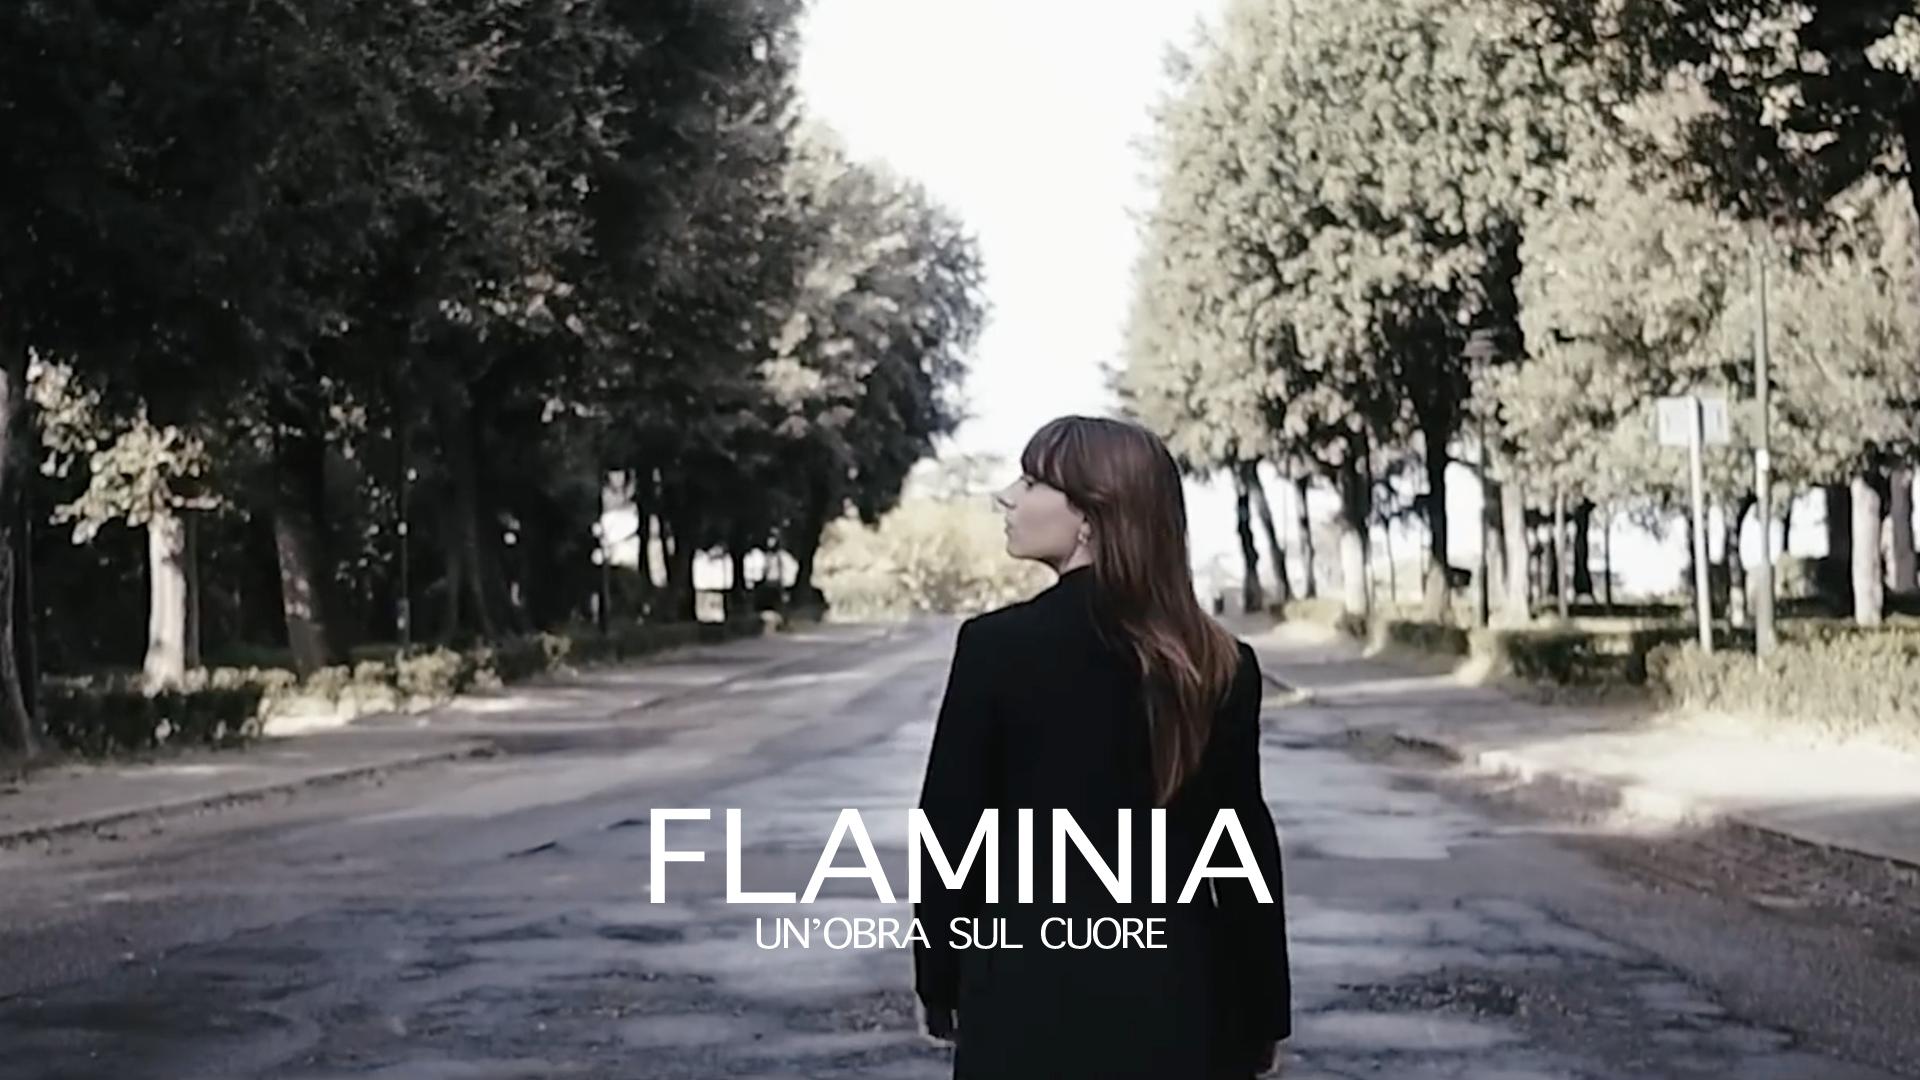 Copertina Visdeo Flaminia un ombra sul cuore